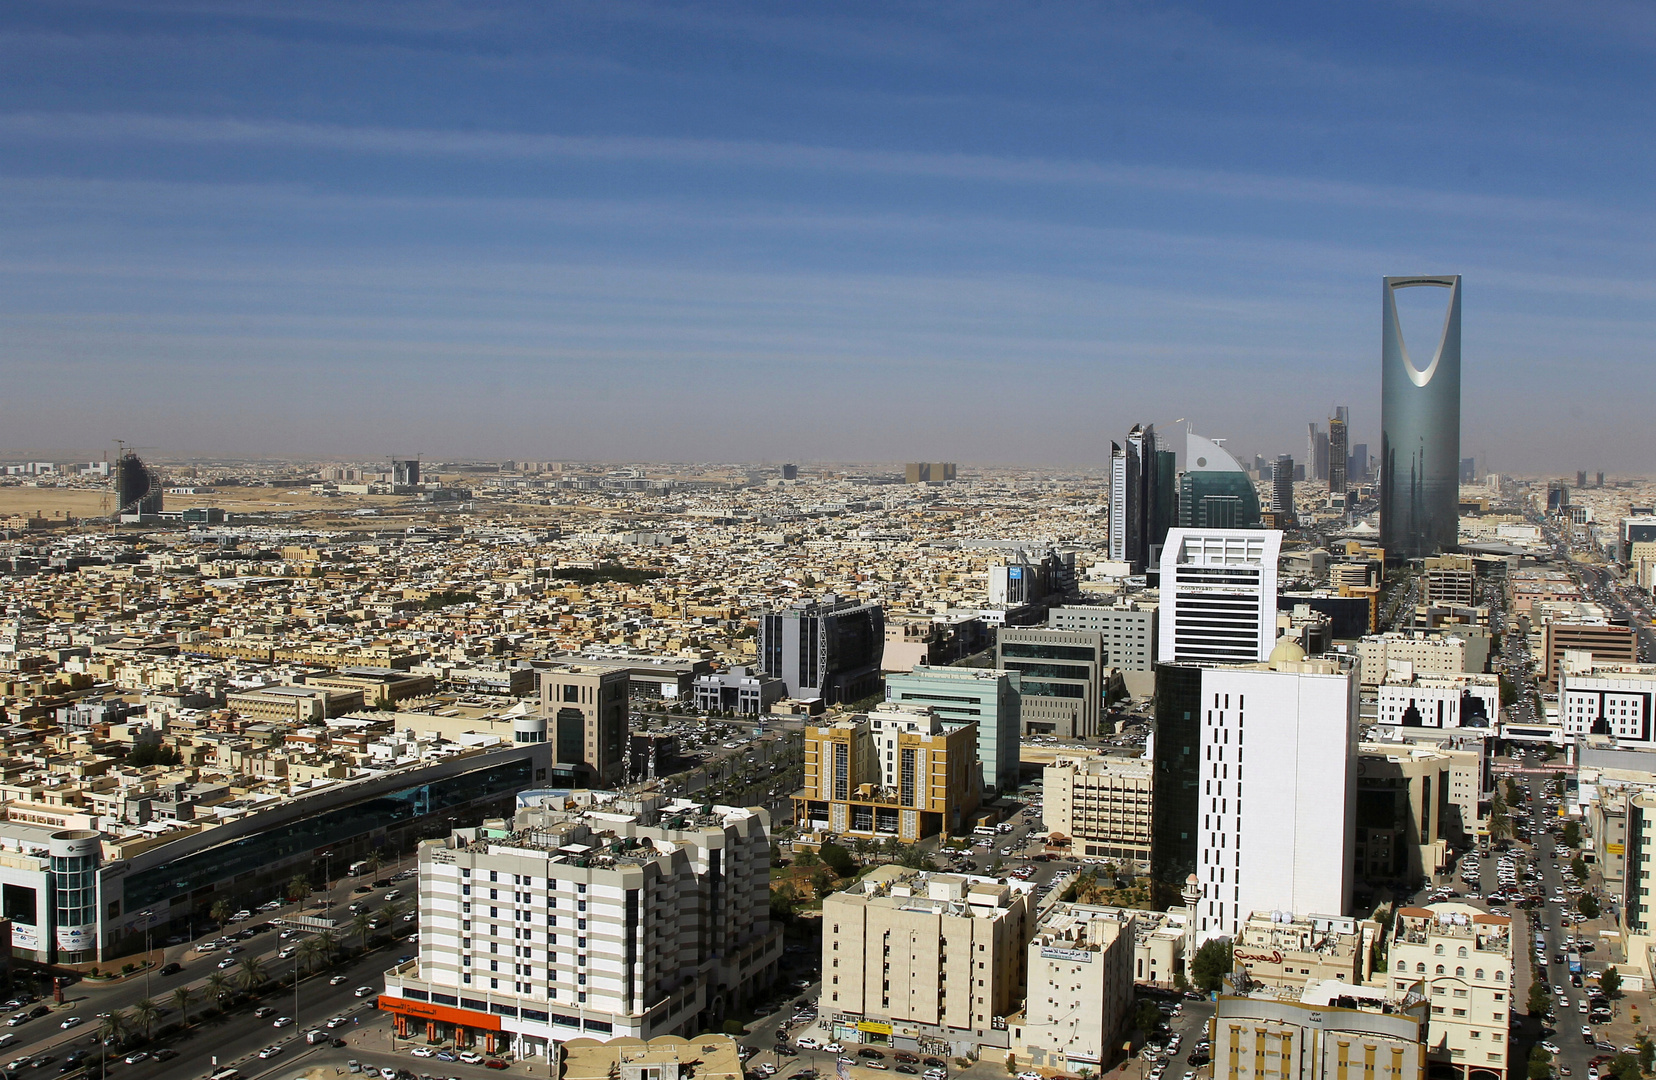 بيان سعودي بشأن اتفاق السلام بين الولايات المتحدة و